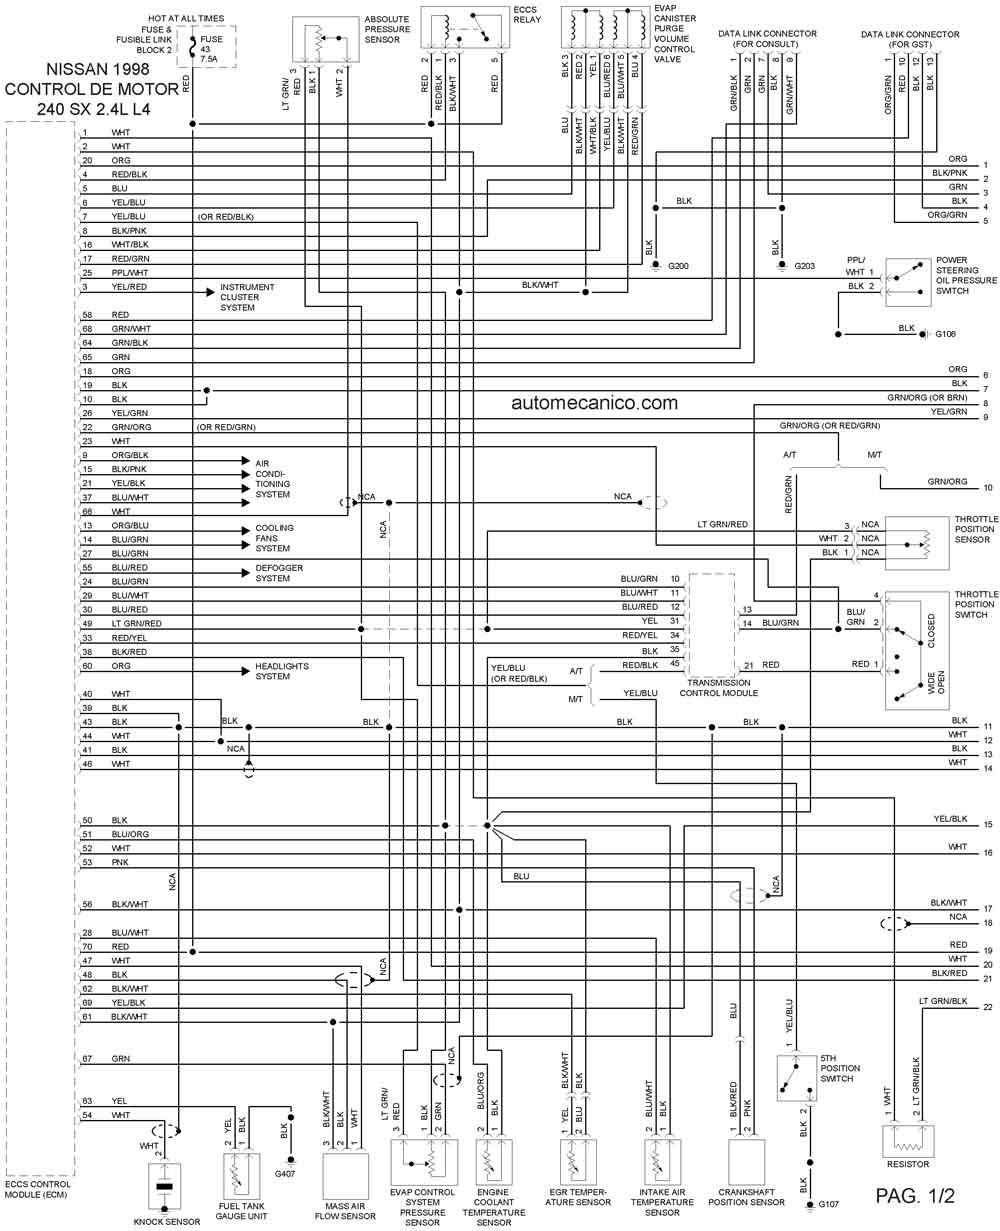 Fuse Box In Nissan Almera | Wiring Diagram Nissan Almera Fuse Box Diagram on nissan fuel line diagram, nissan ac compressor diagram, 1997 nissan pathfinder fuse diagram, nissan transfer case diagram, 2003 altima relay diagram, nissan relay diagram, nissan radiator diagram, nissan seat diagram, nissan fuse box cover, infiniti qx56 fuse diagram, 2006 nissan altima fuse diagram, nissan battery diagram, nissan evap system diagram, 2013 nissan pathfinder fuse diagram, 2009 nissan frontier fuse diagram, nissan quest fuse diagram, nissan murano fuse box, nissan altima fuse panel, nissan master cylinder diagram, nissan engine wiring diagram,